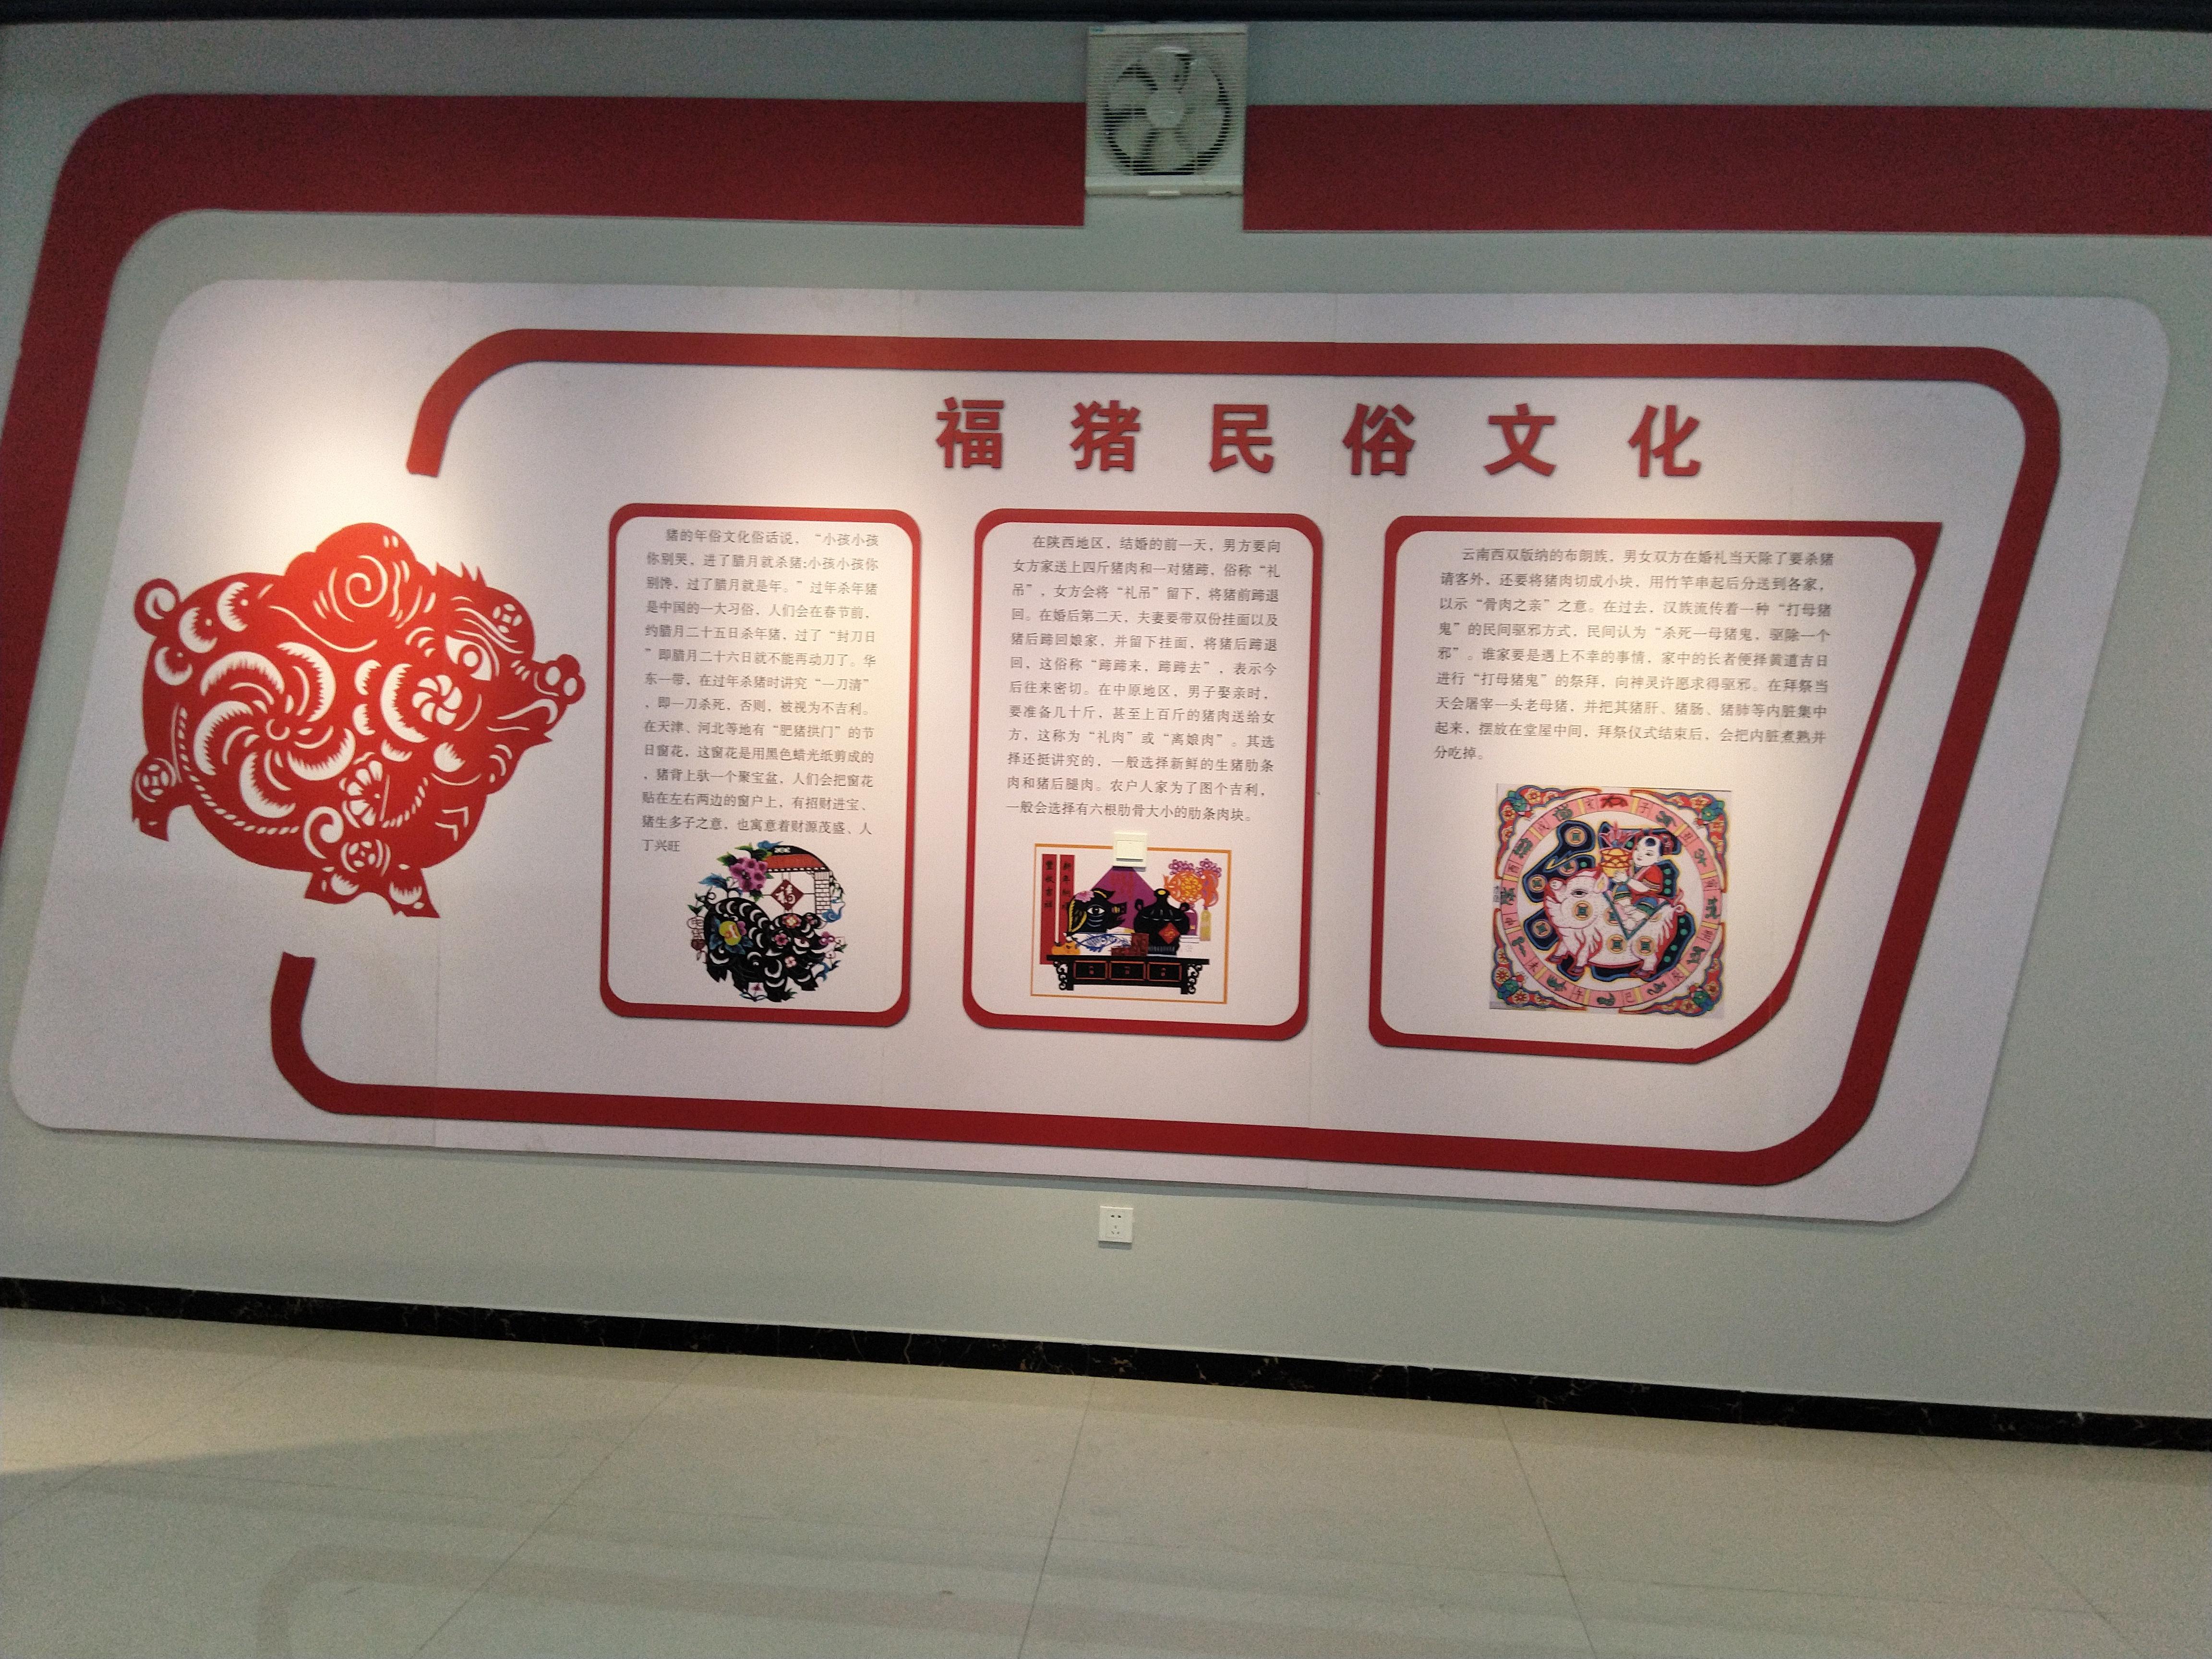 平邑县建成全市首家猪文化展馆,以畜牧生产带动旅游发展